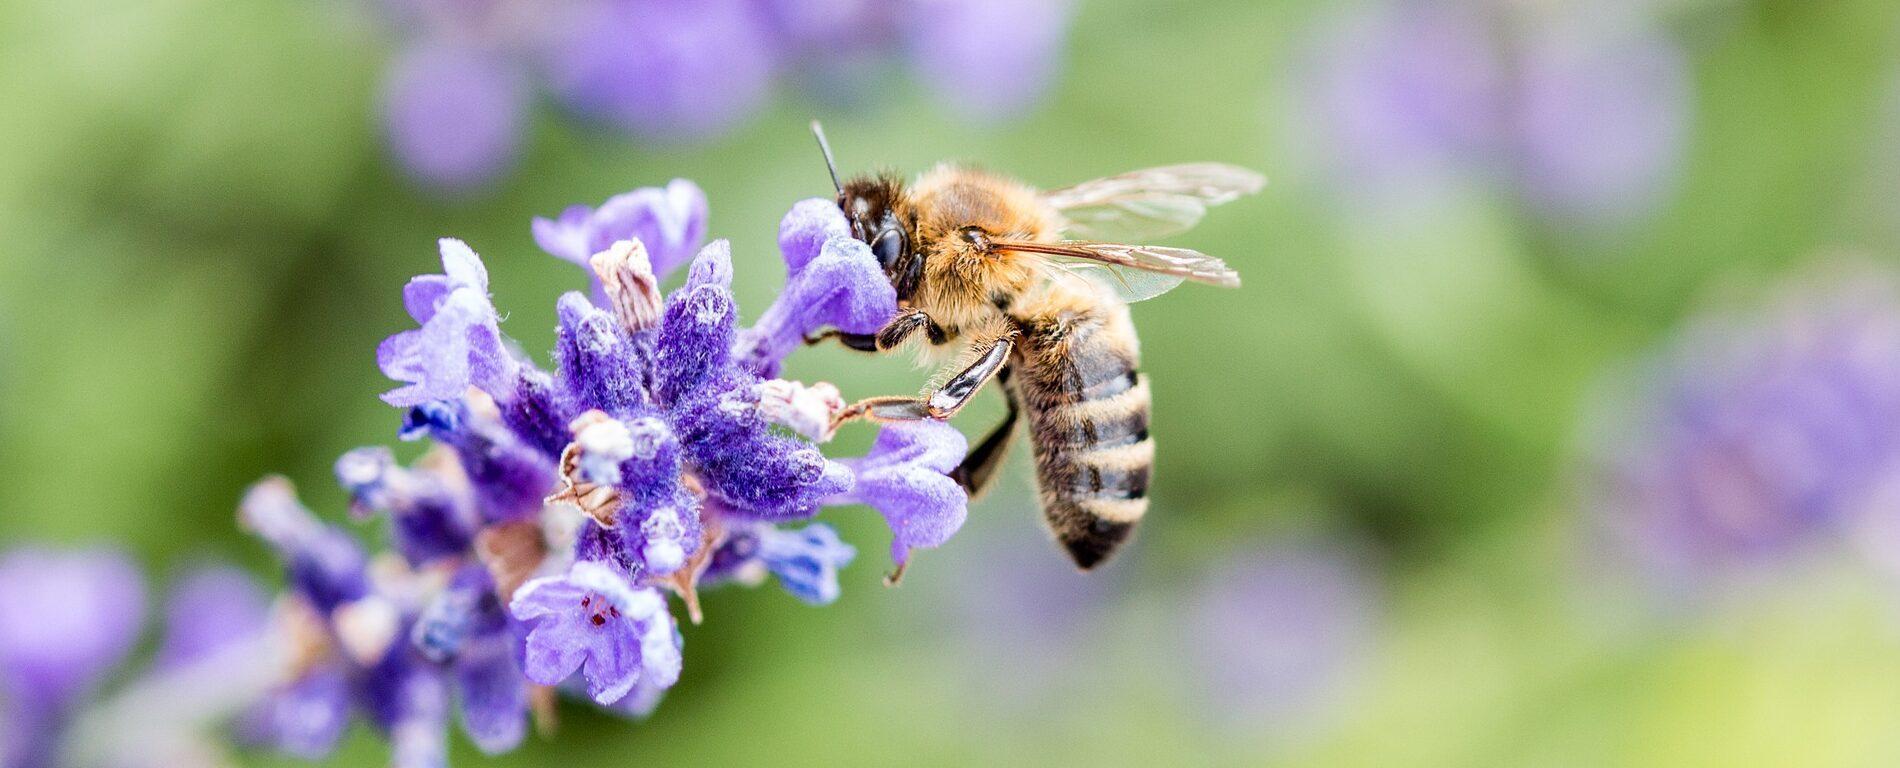 Ätherisches Öl des Monats Juni: Lavendel